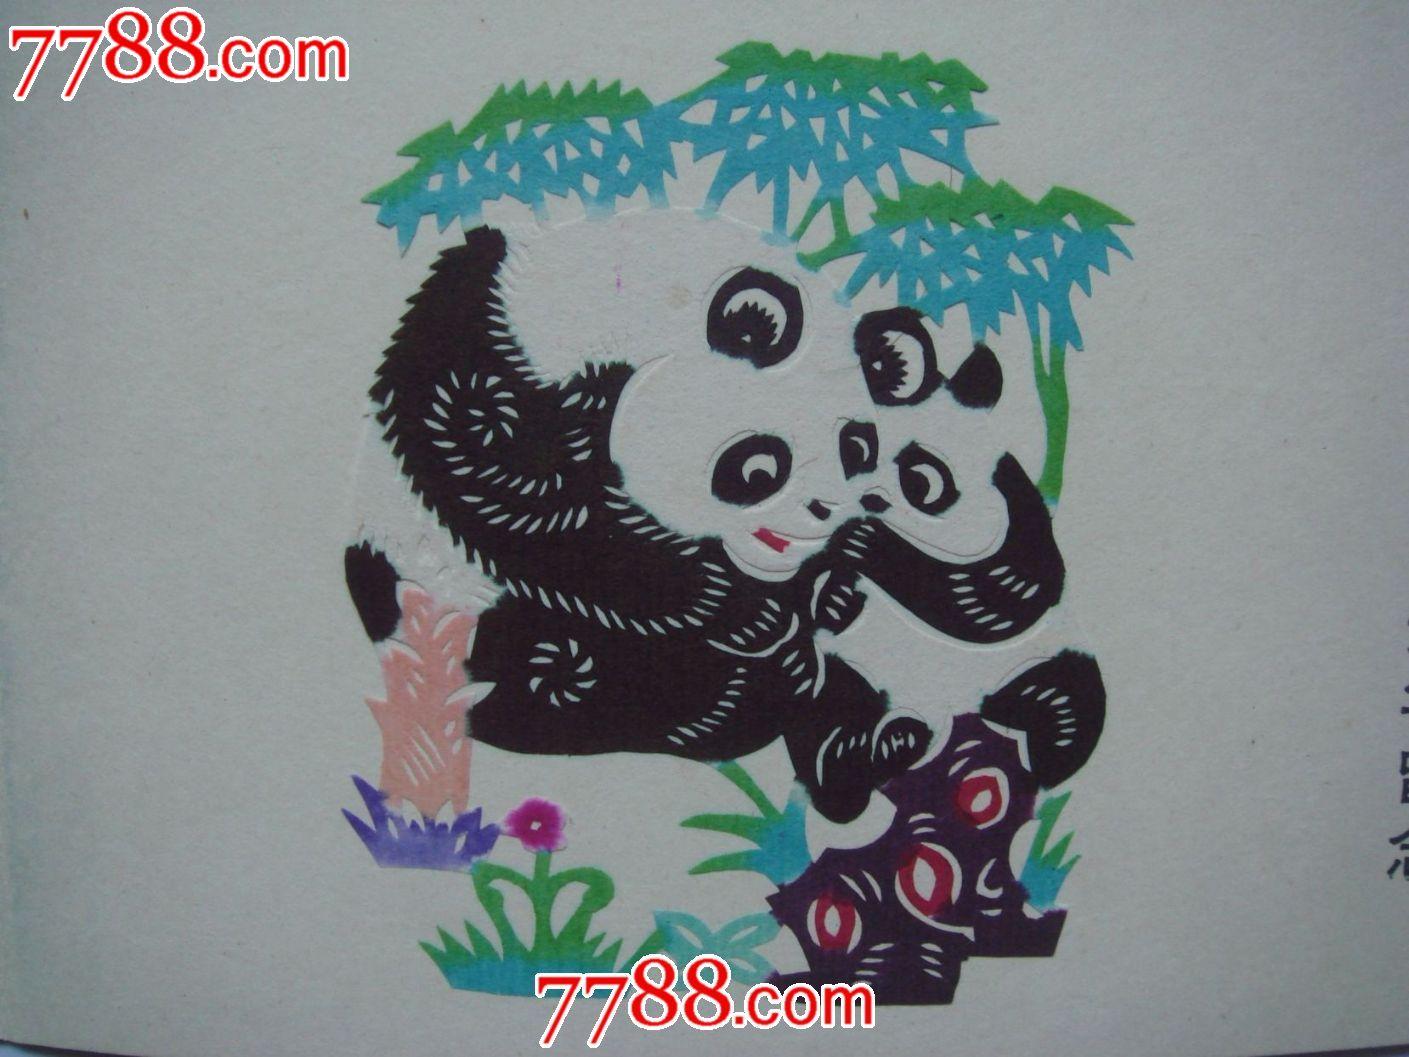 山东,,动物,,单件,,,,, 简介: 92年中国友好观光年中国剪纸彩绘画